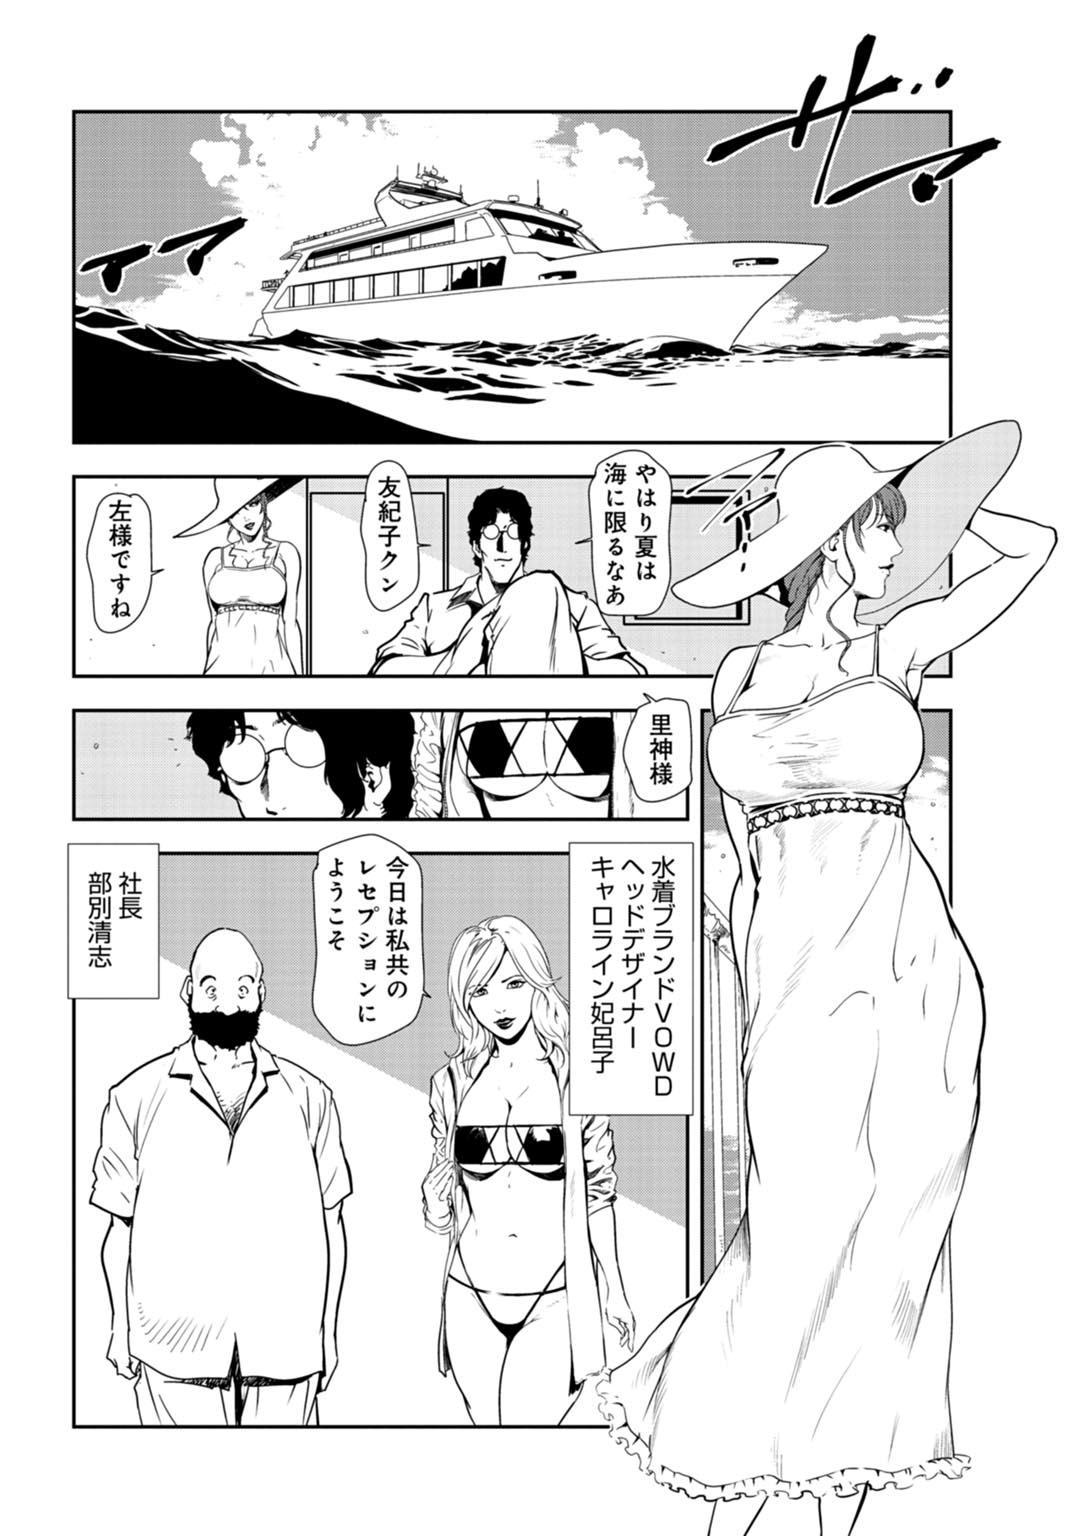 Nikuhisyo Yukiko 27 2